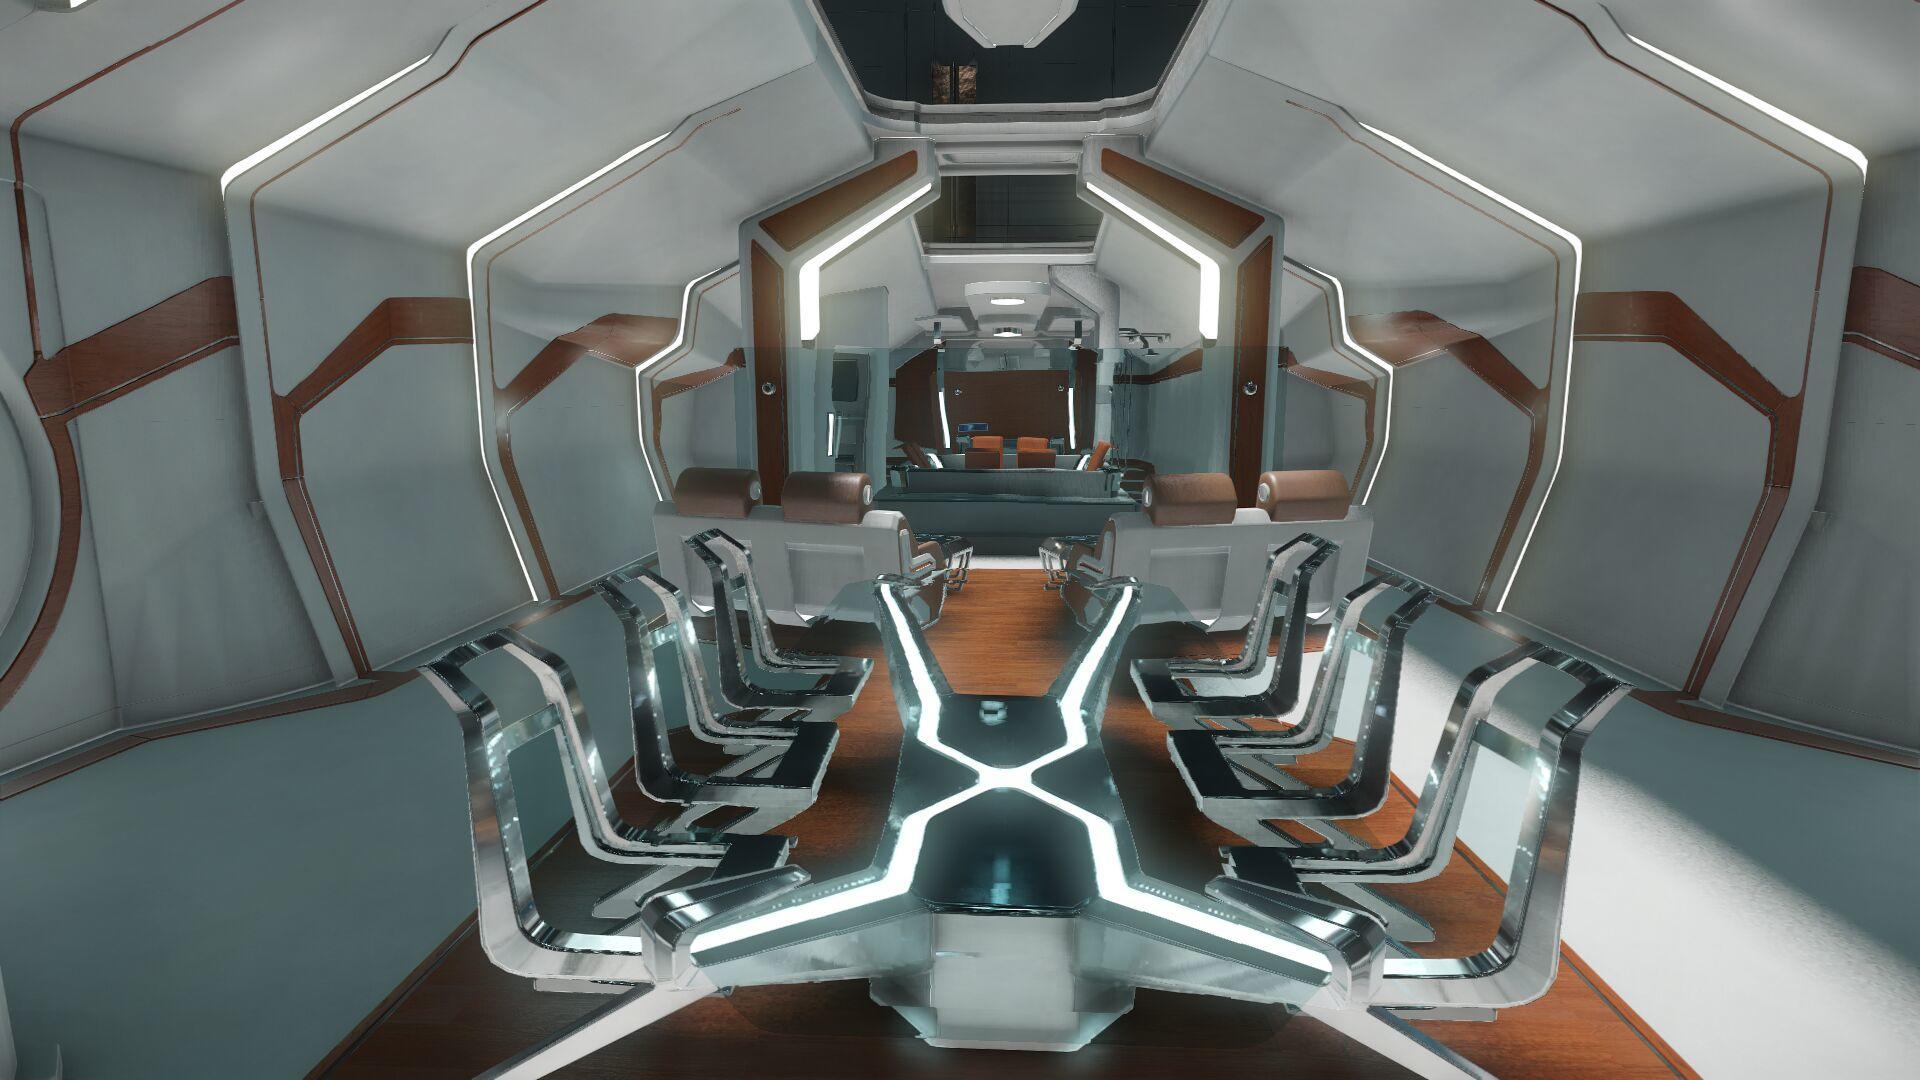 Wygląd wnętrza - główny pokład - sekcja dla gości - stół konferencyjny - widok w kierunku tyłu statku